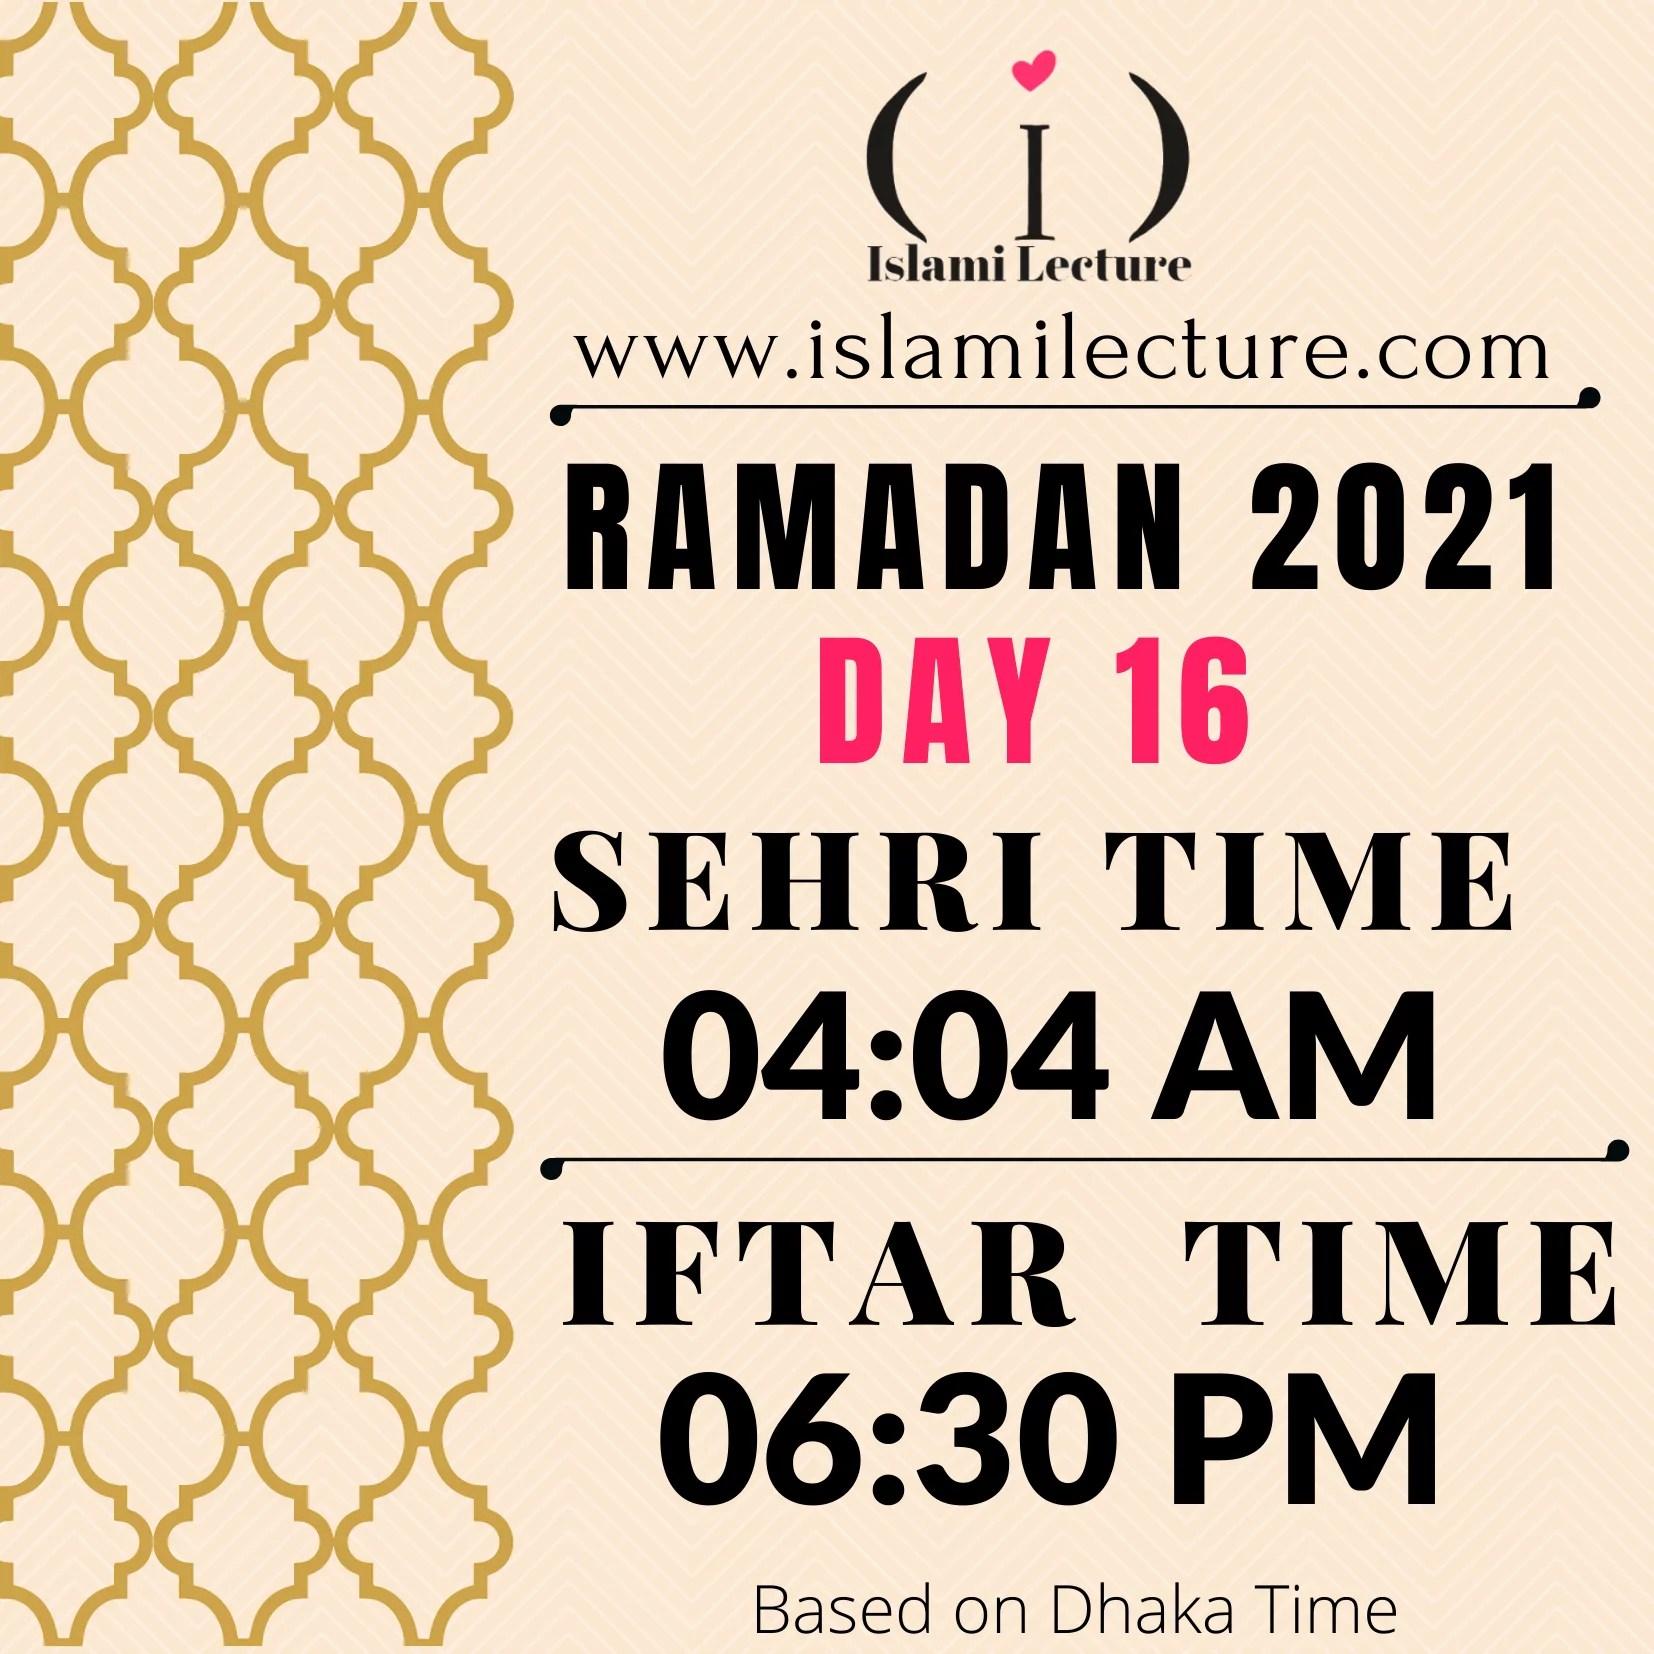 Dhaka Ramadan Day 16 iftar and sehri time - Islami Lecture